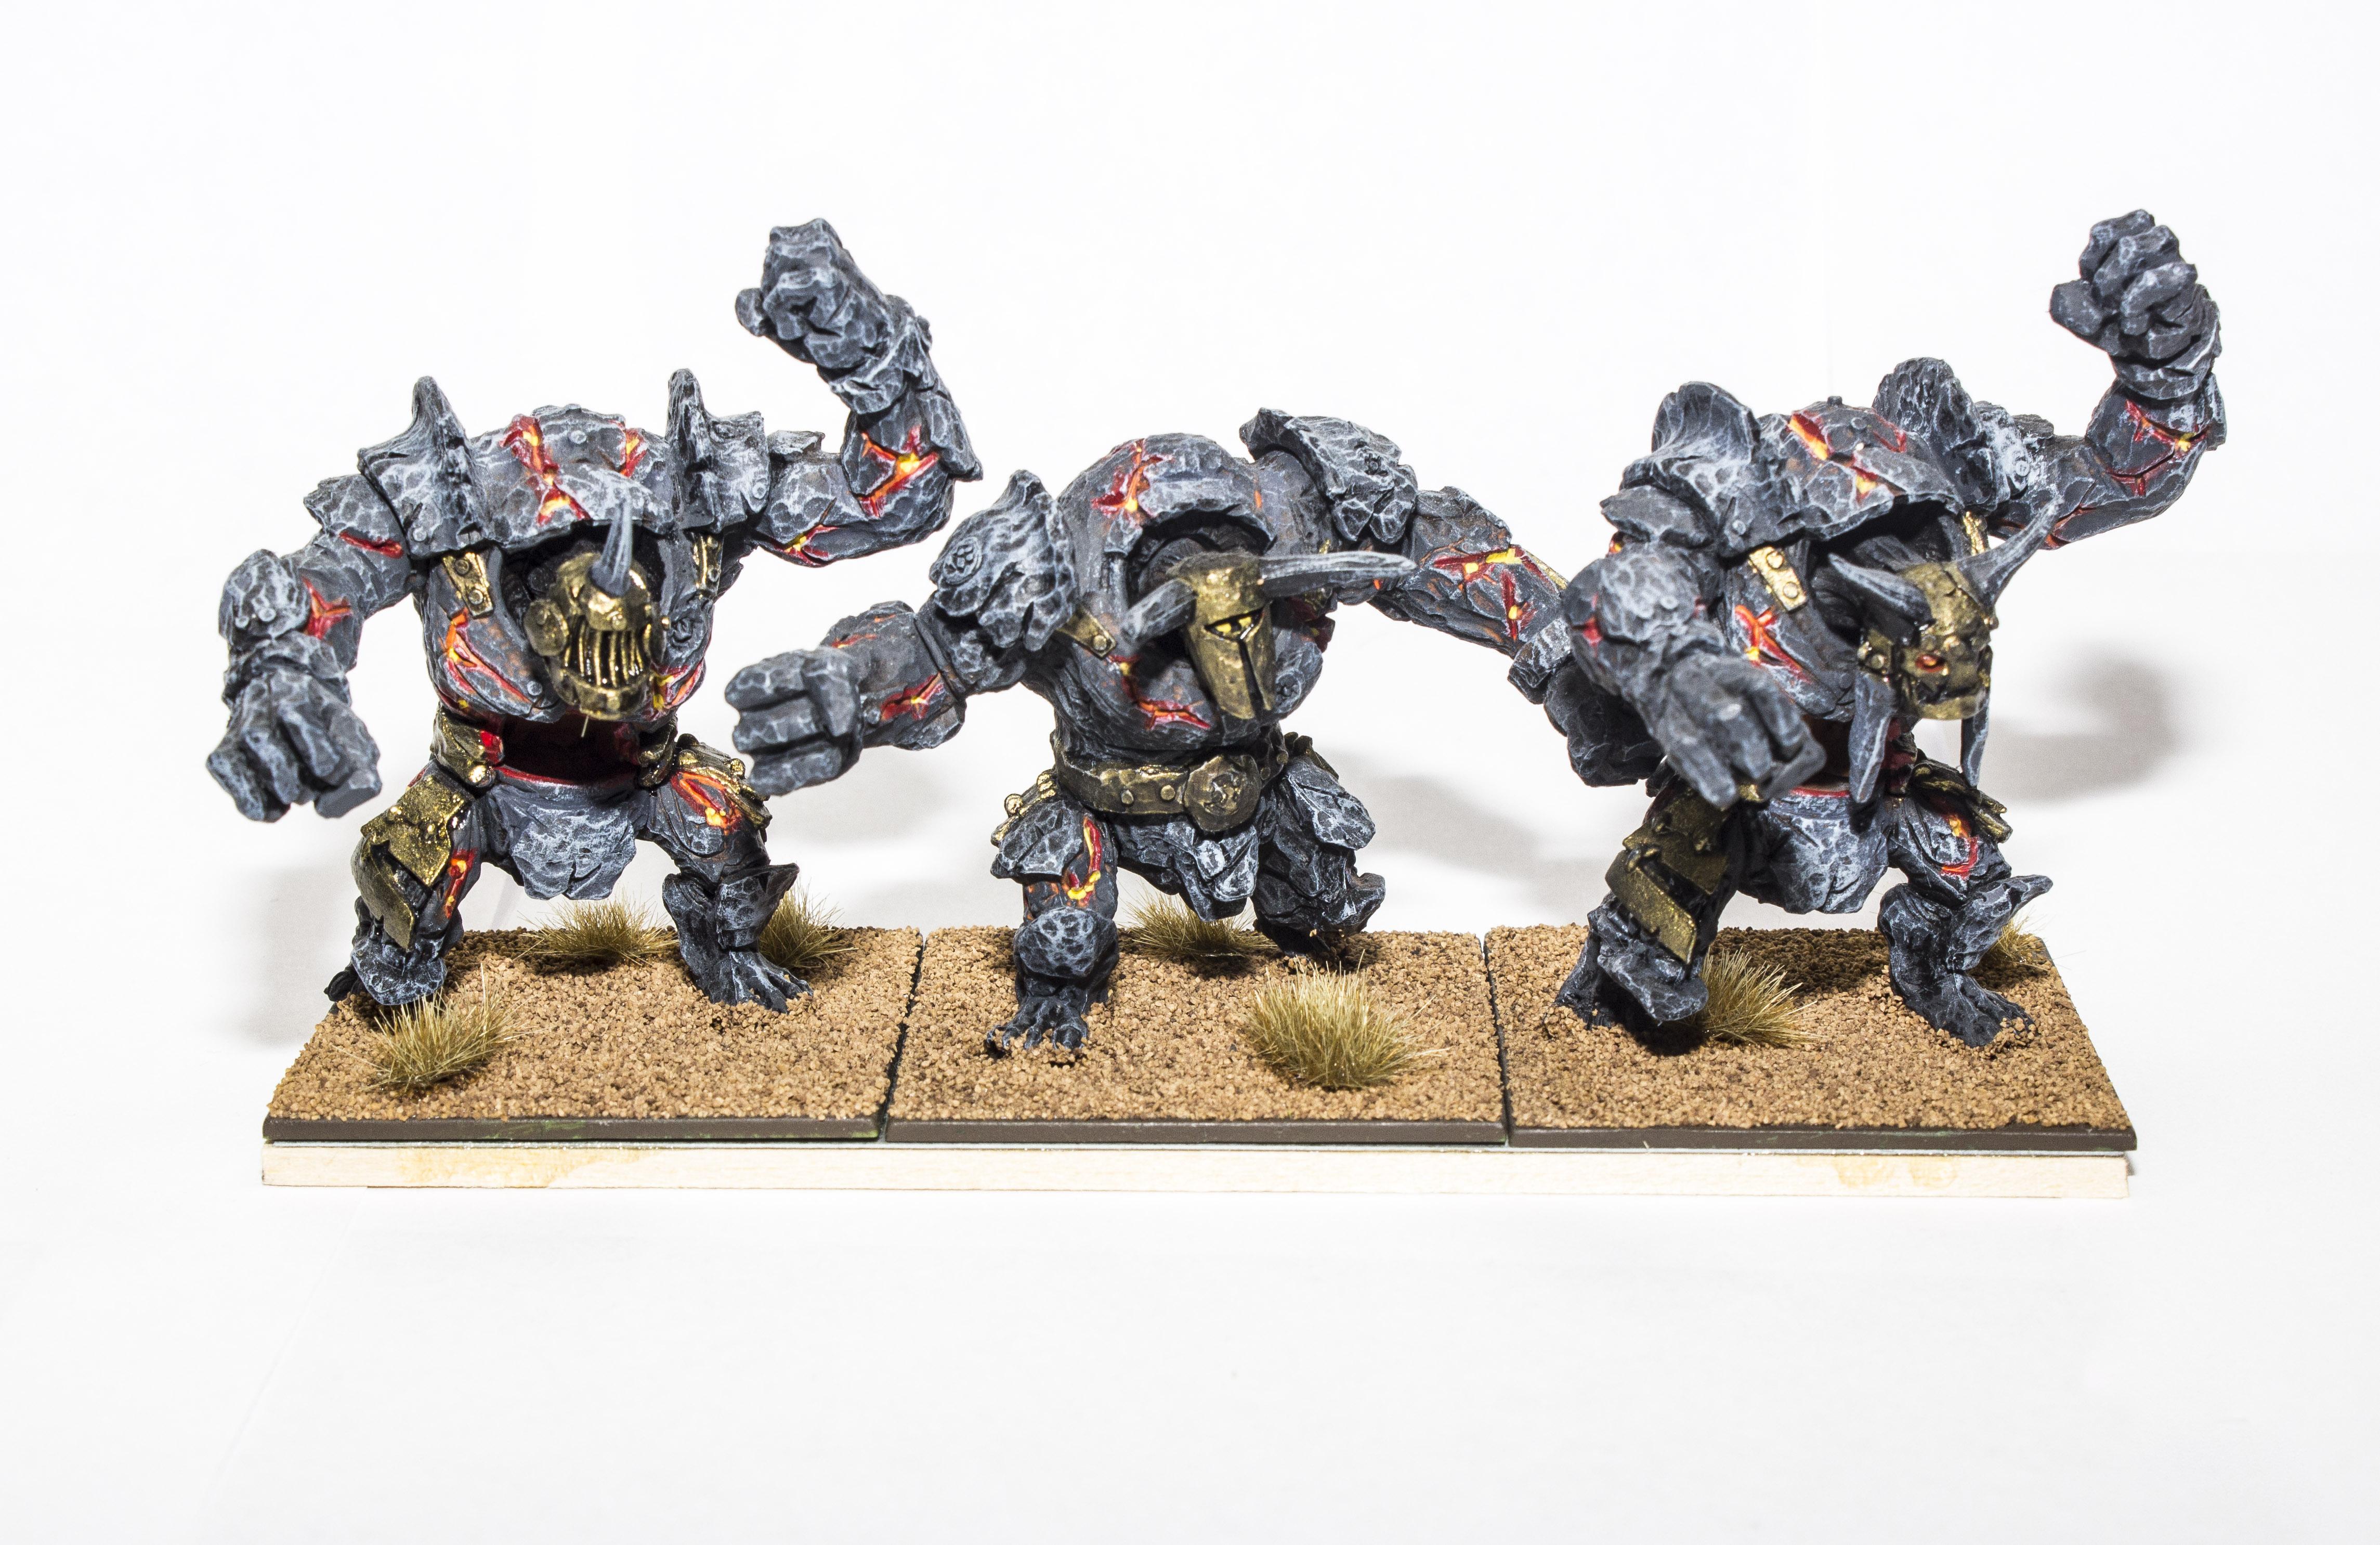 Abyssal_Dwarves_Lesser_Obsidian_Golems_2